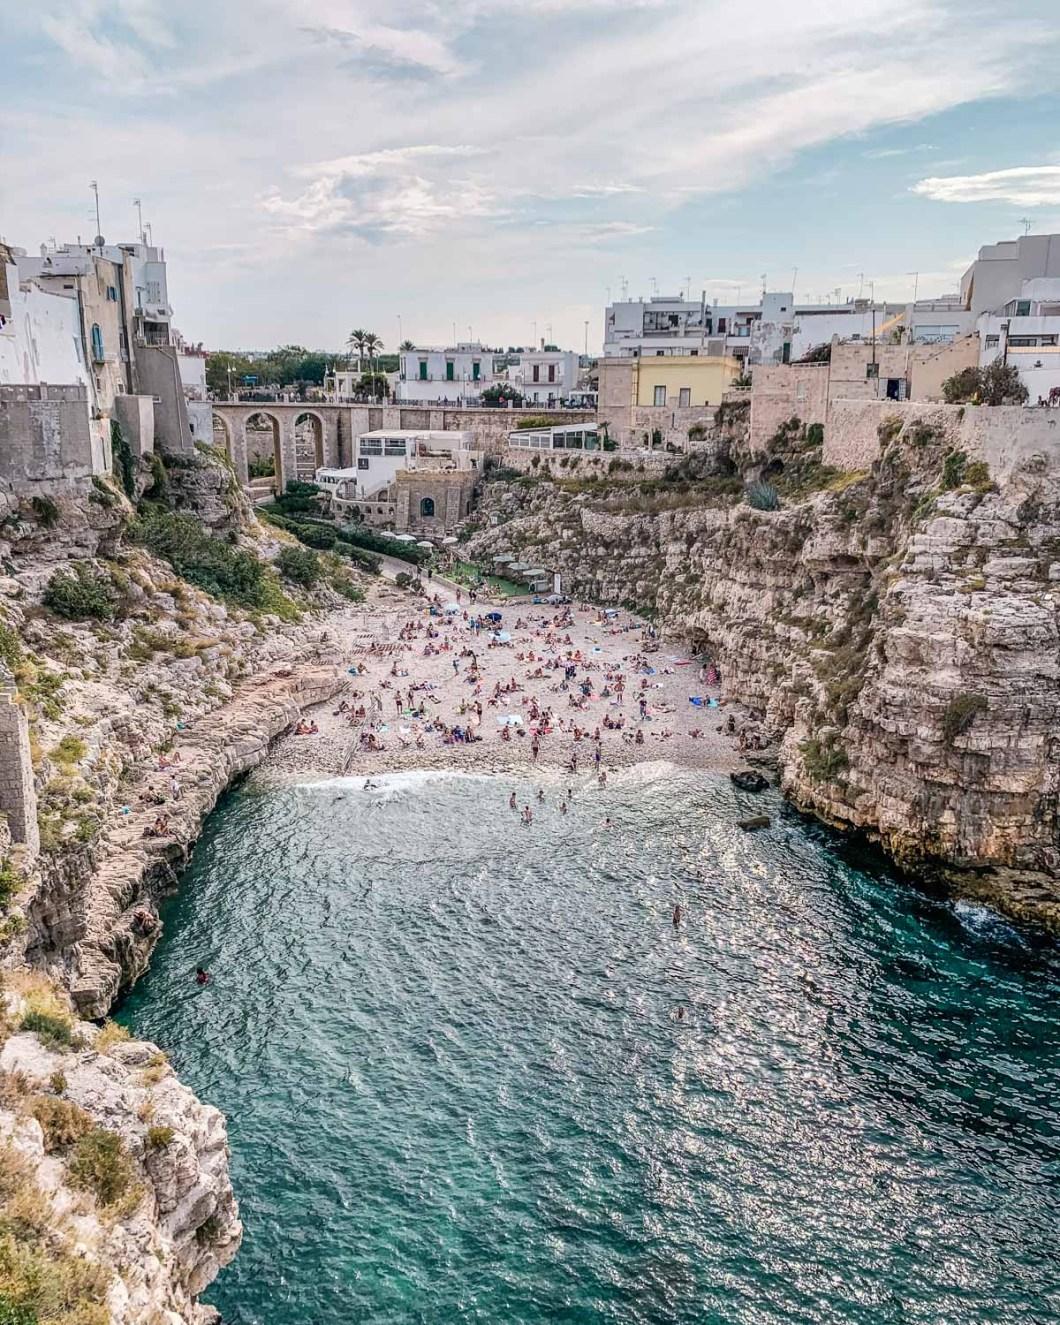 Lama Monachile (or Cala Porto) - Beach of Polignano a Mare in Puglia